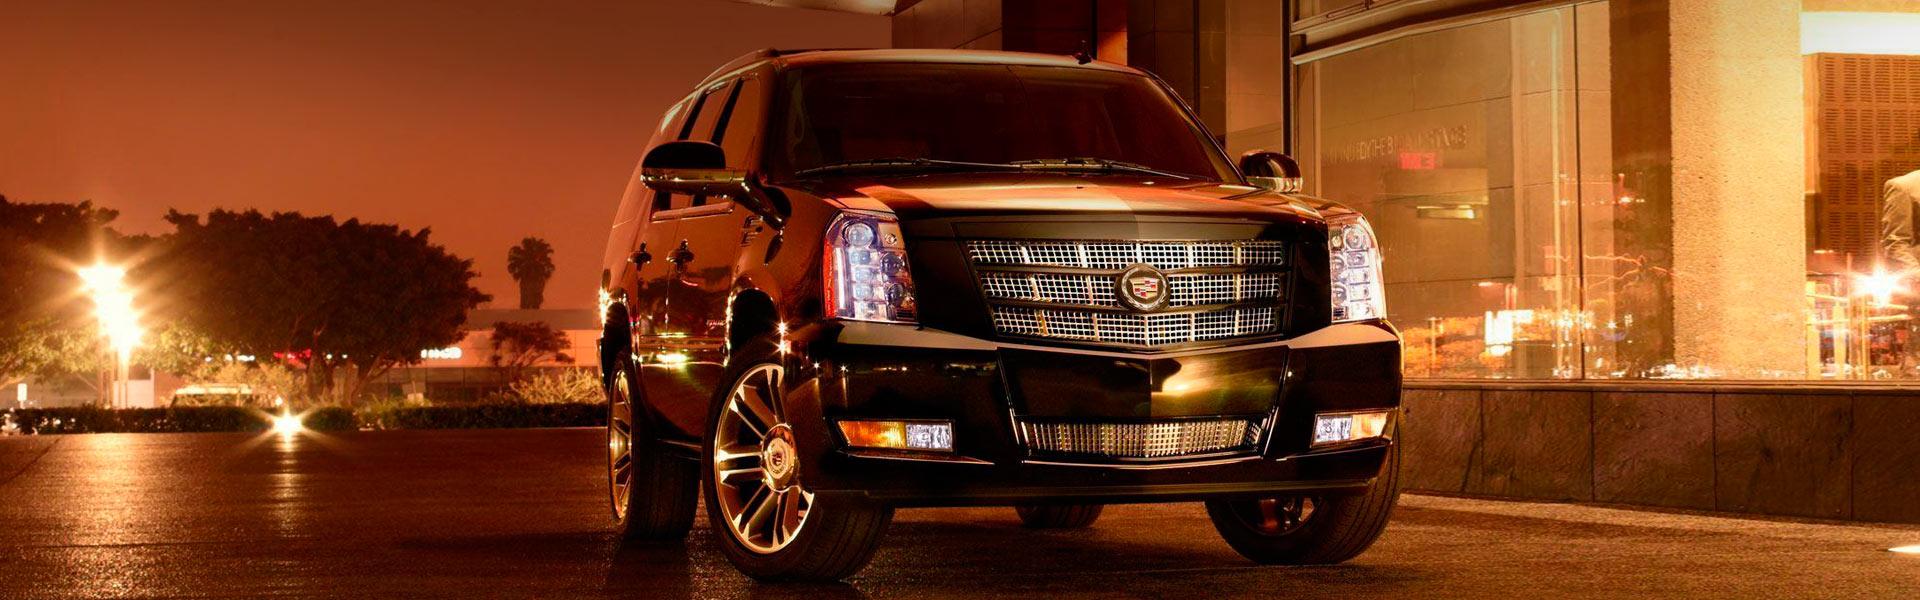 Тормозные колодки на Cadillac Escalade